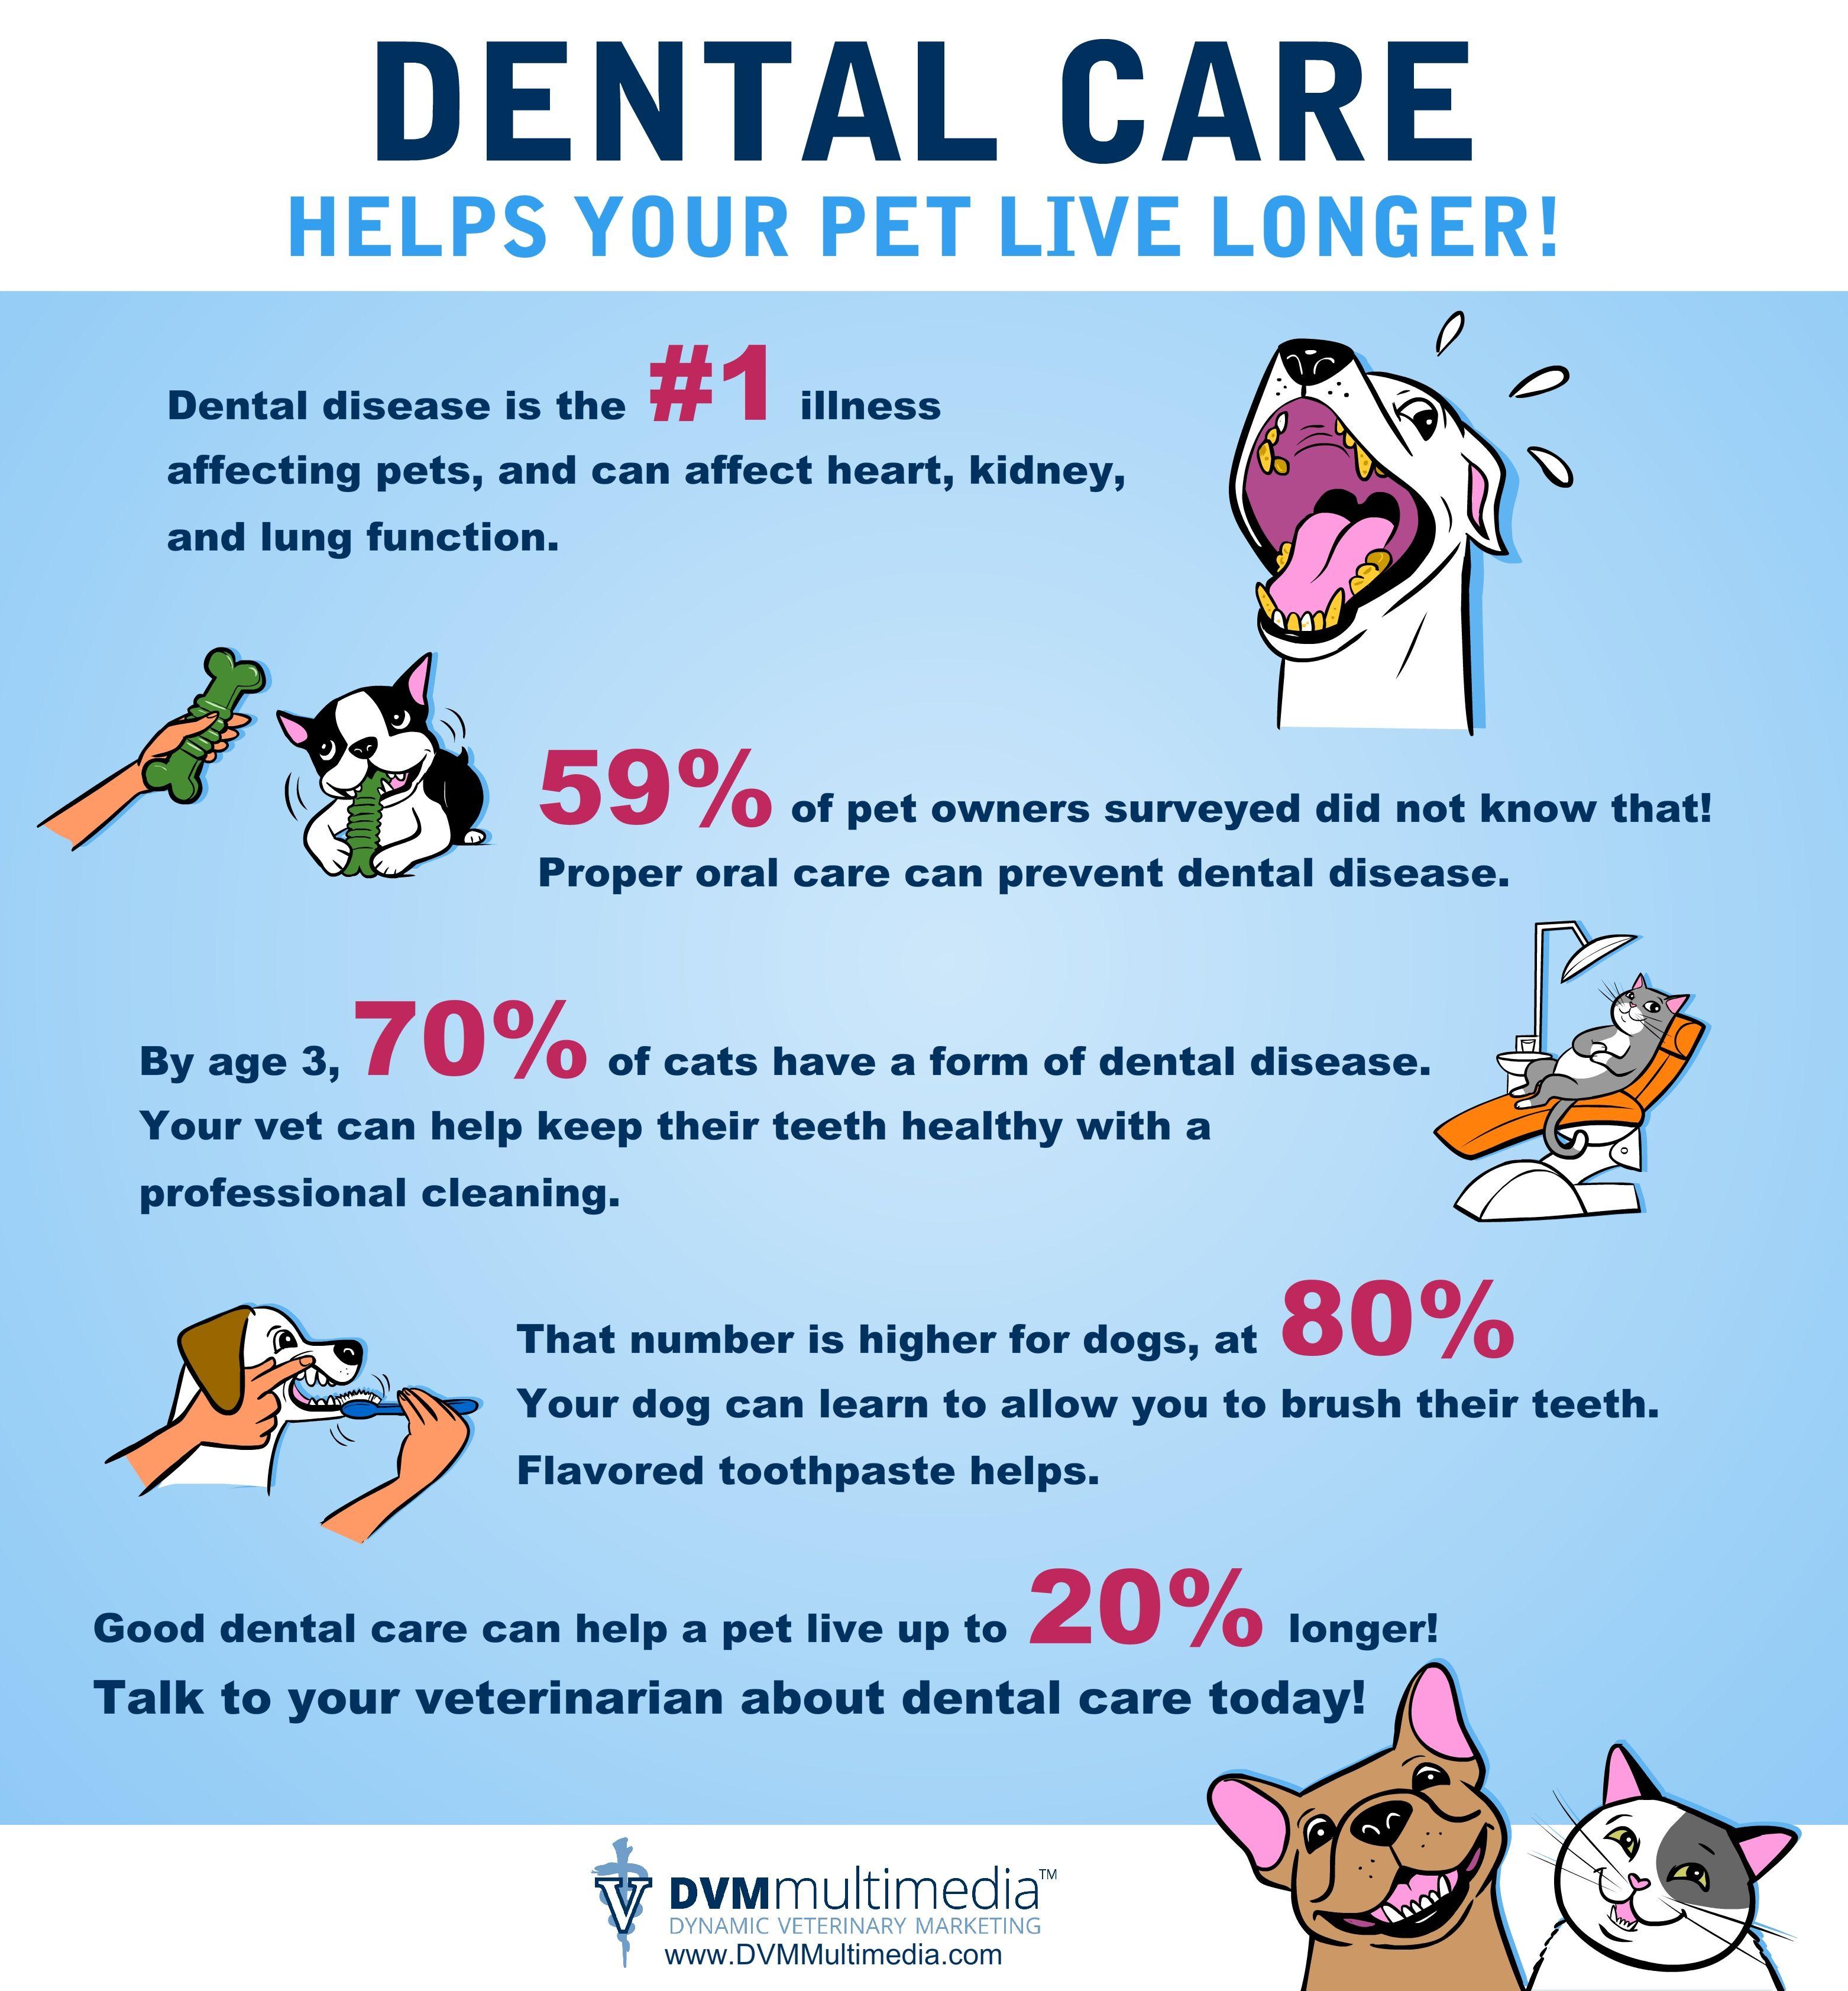 Reminder Pup Er Dental Care Helps Your Pet Live Longer Infographic Pet Dental Health Pet Dental Care Dental Care